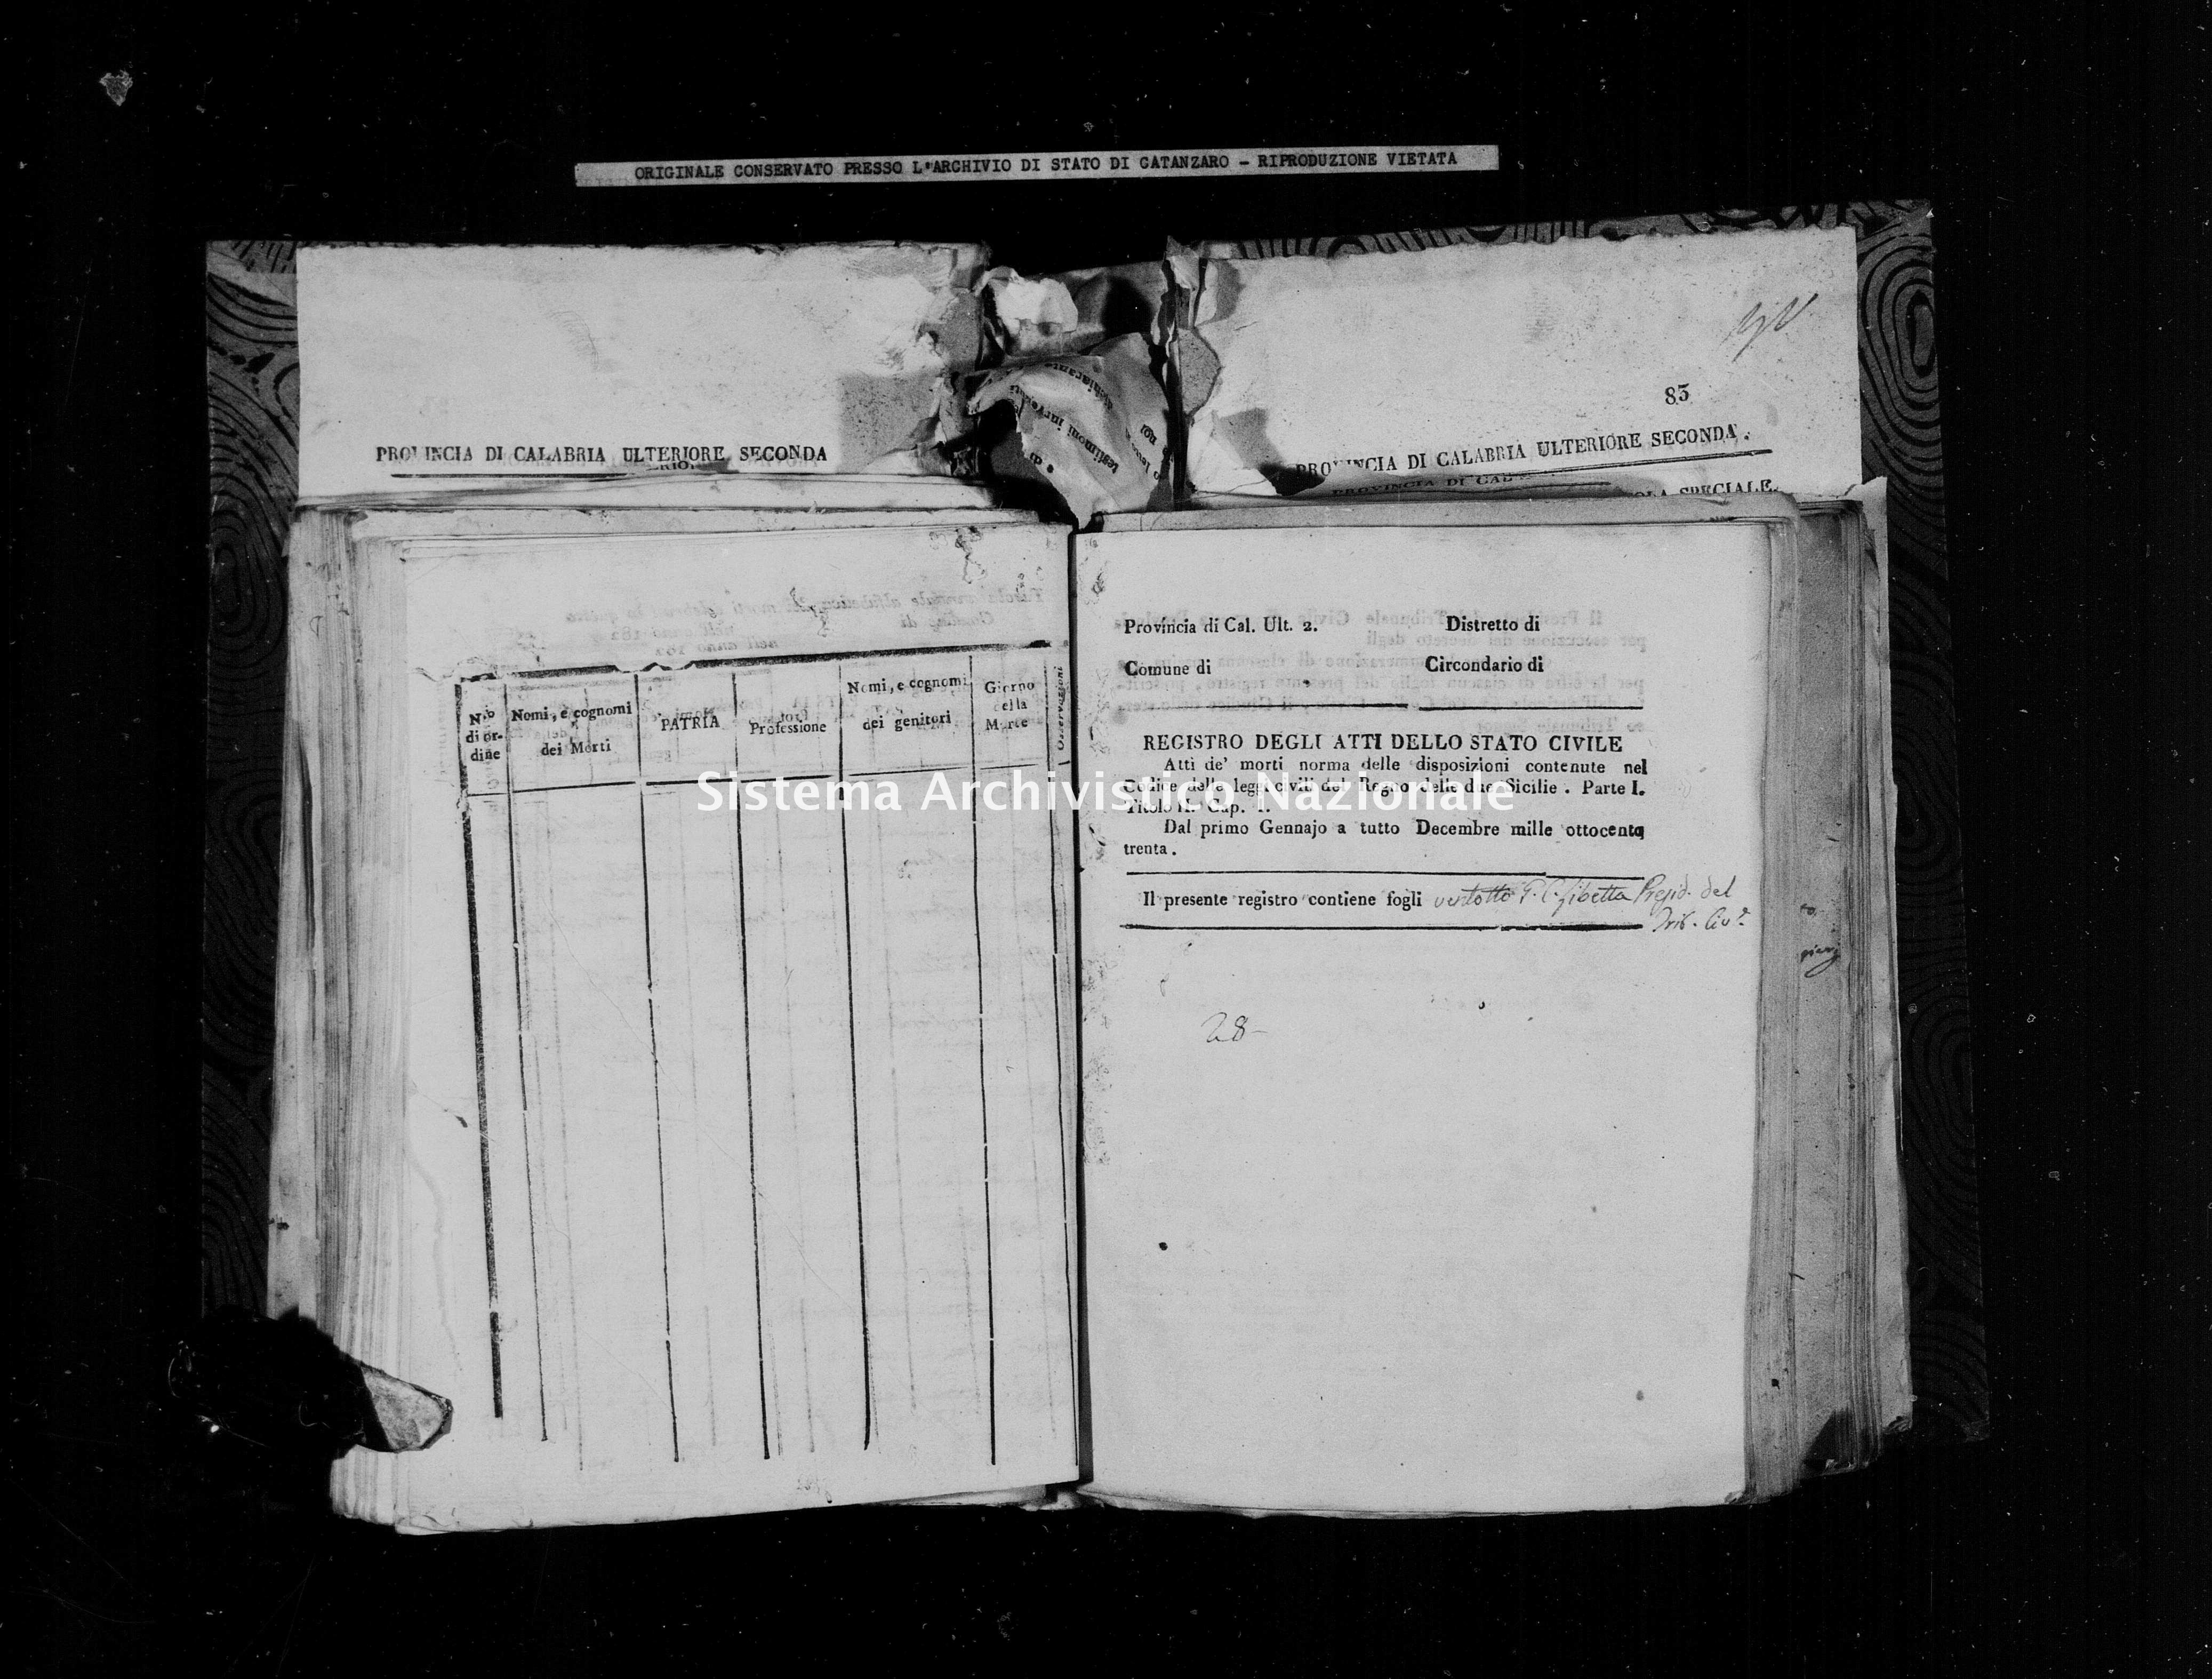 Archivio di stato di Catanzaro - Stato civile italiano - Gimigliano - Morti - 25/10/1830-27/12/1830 -